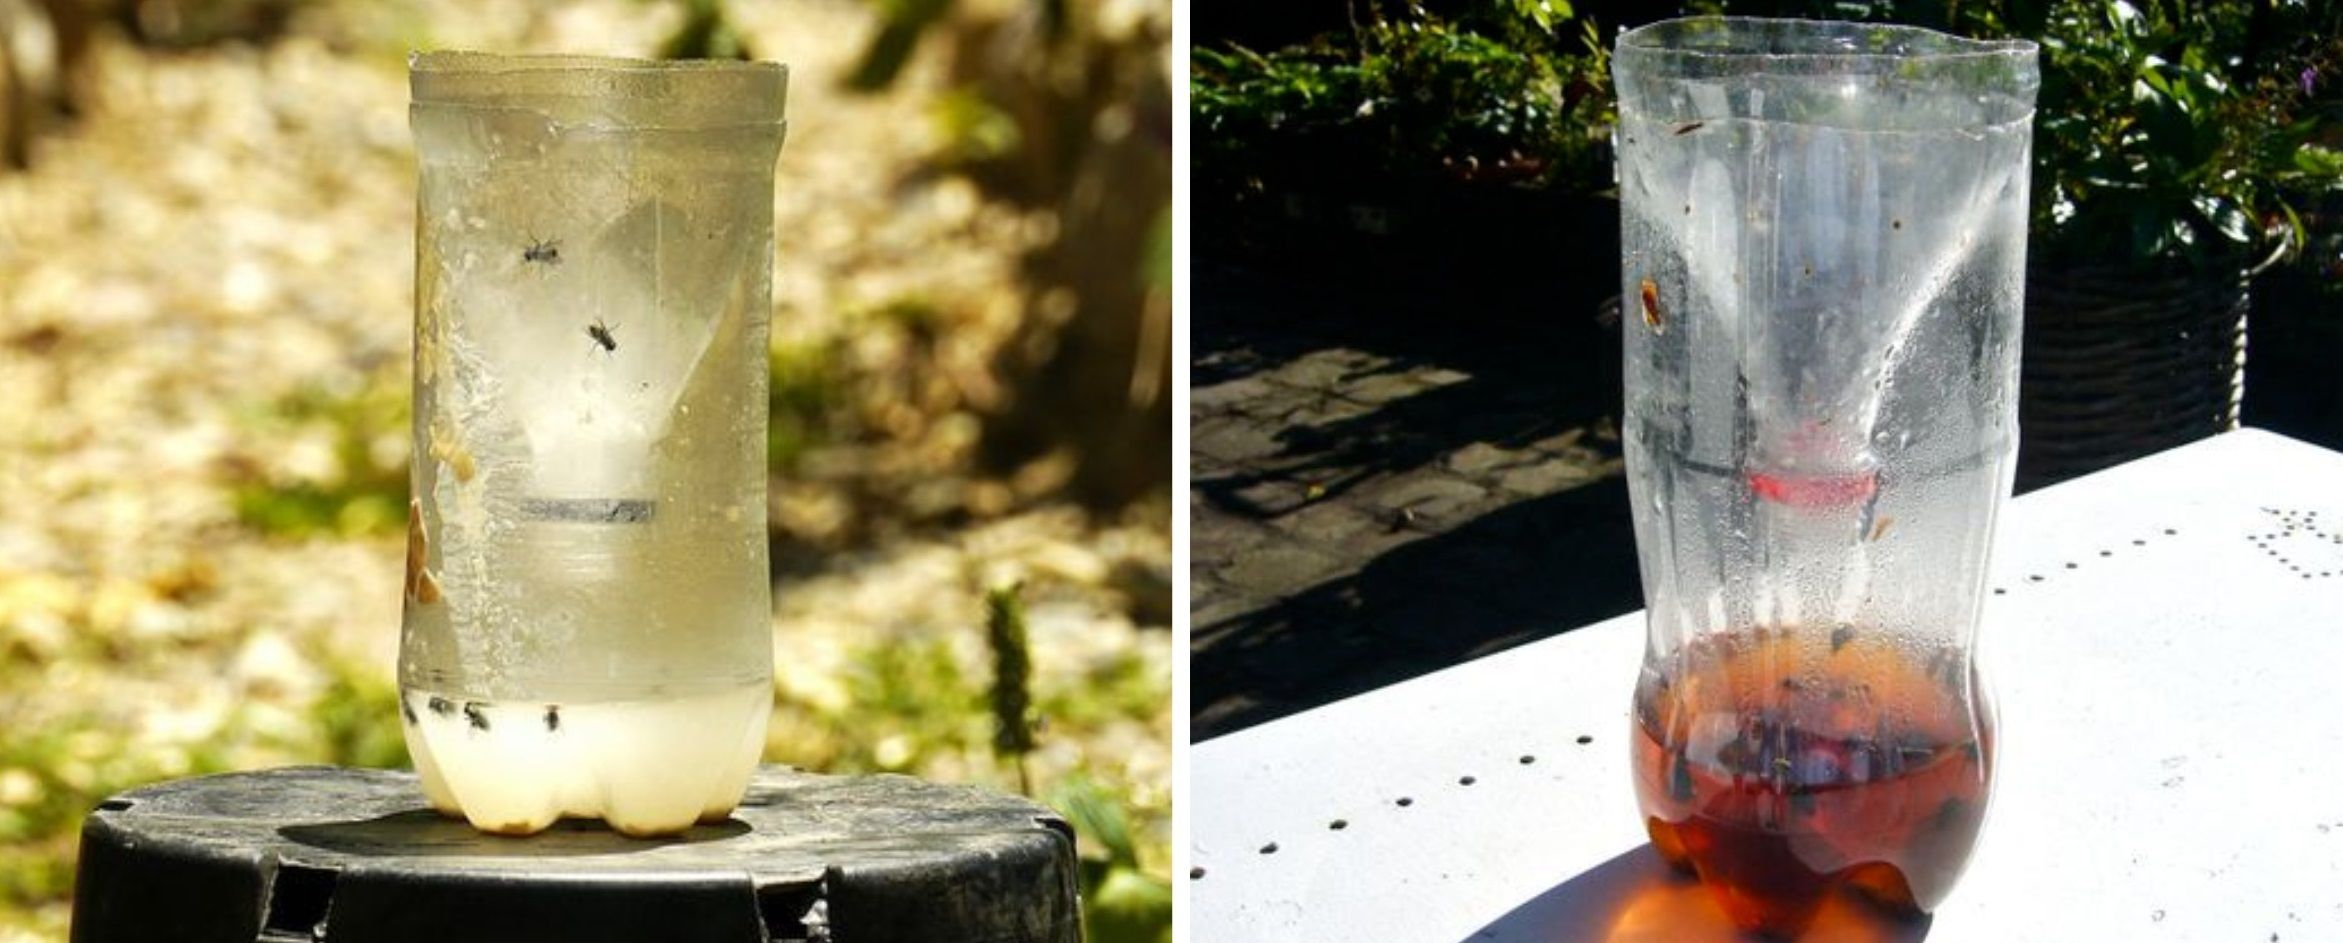 Ловушка для комаров: на улице, своими руками, уничтожитель комаров на даче